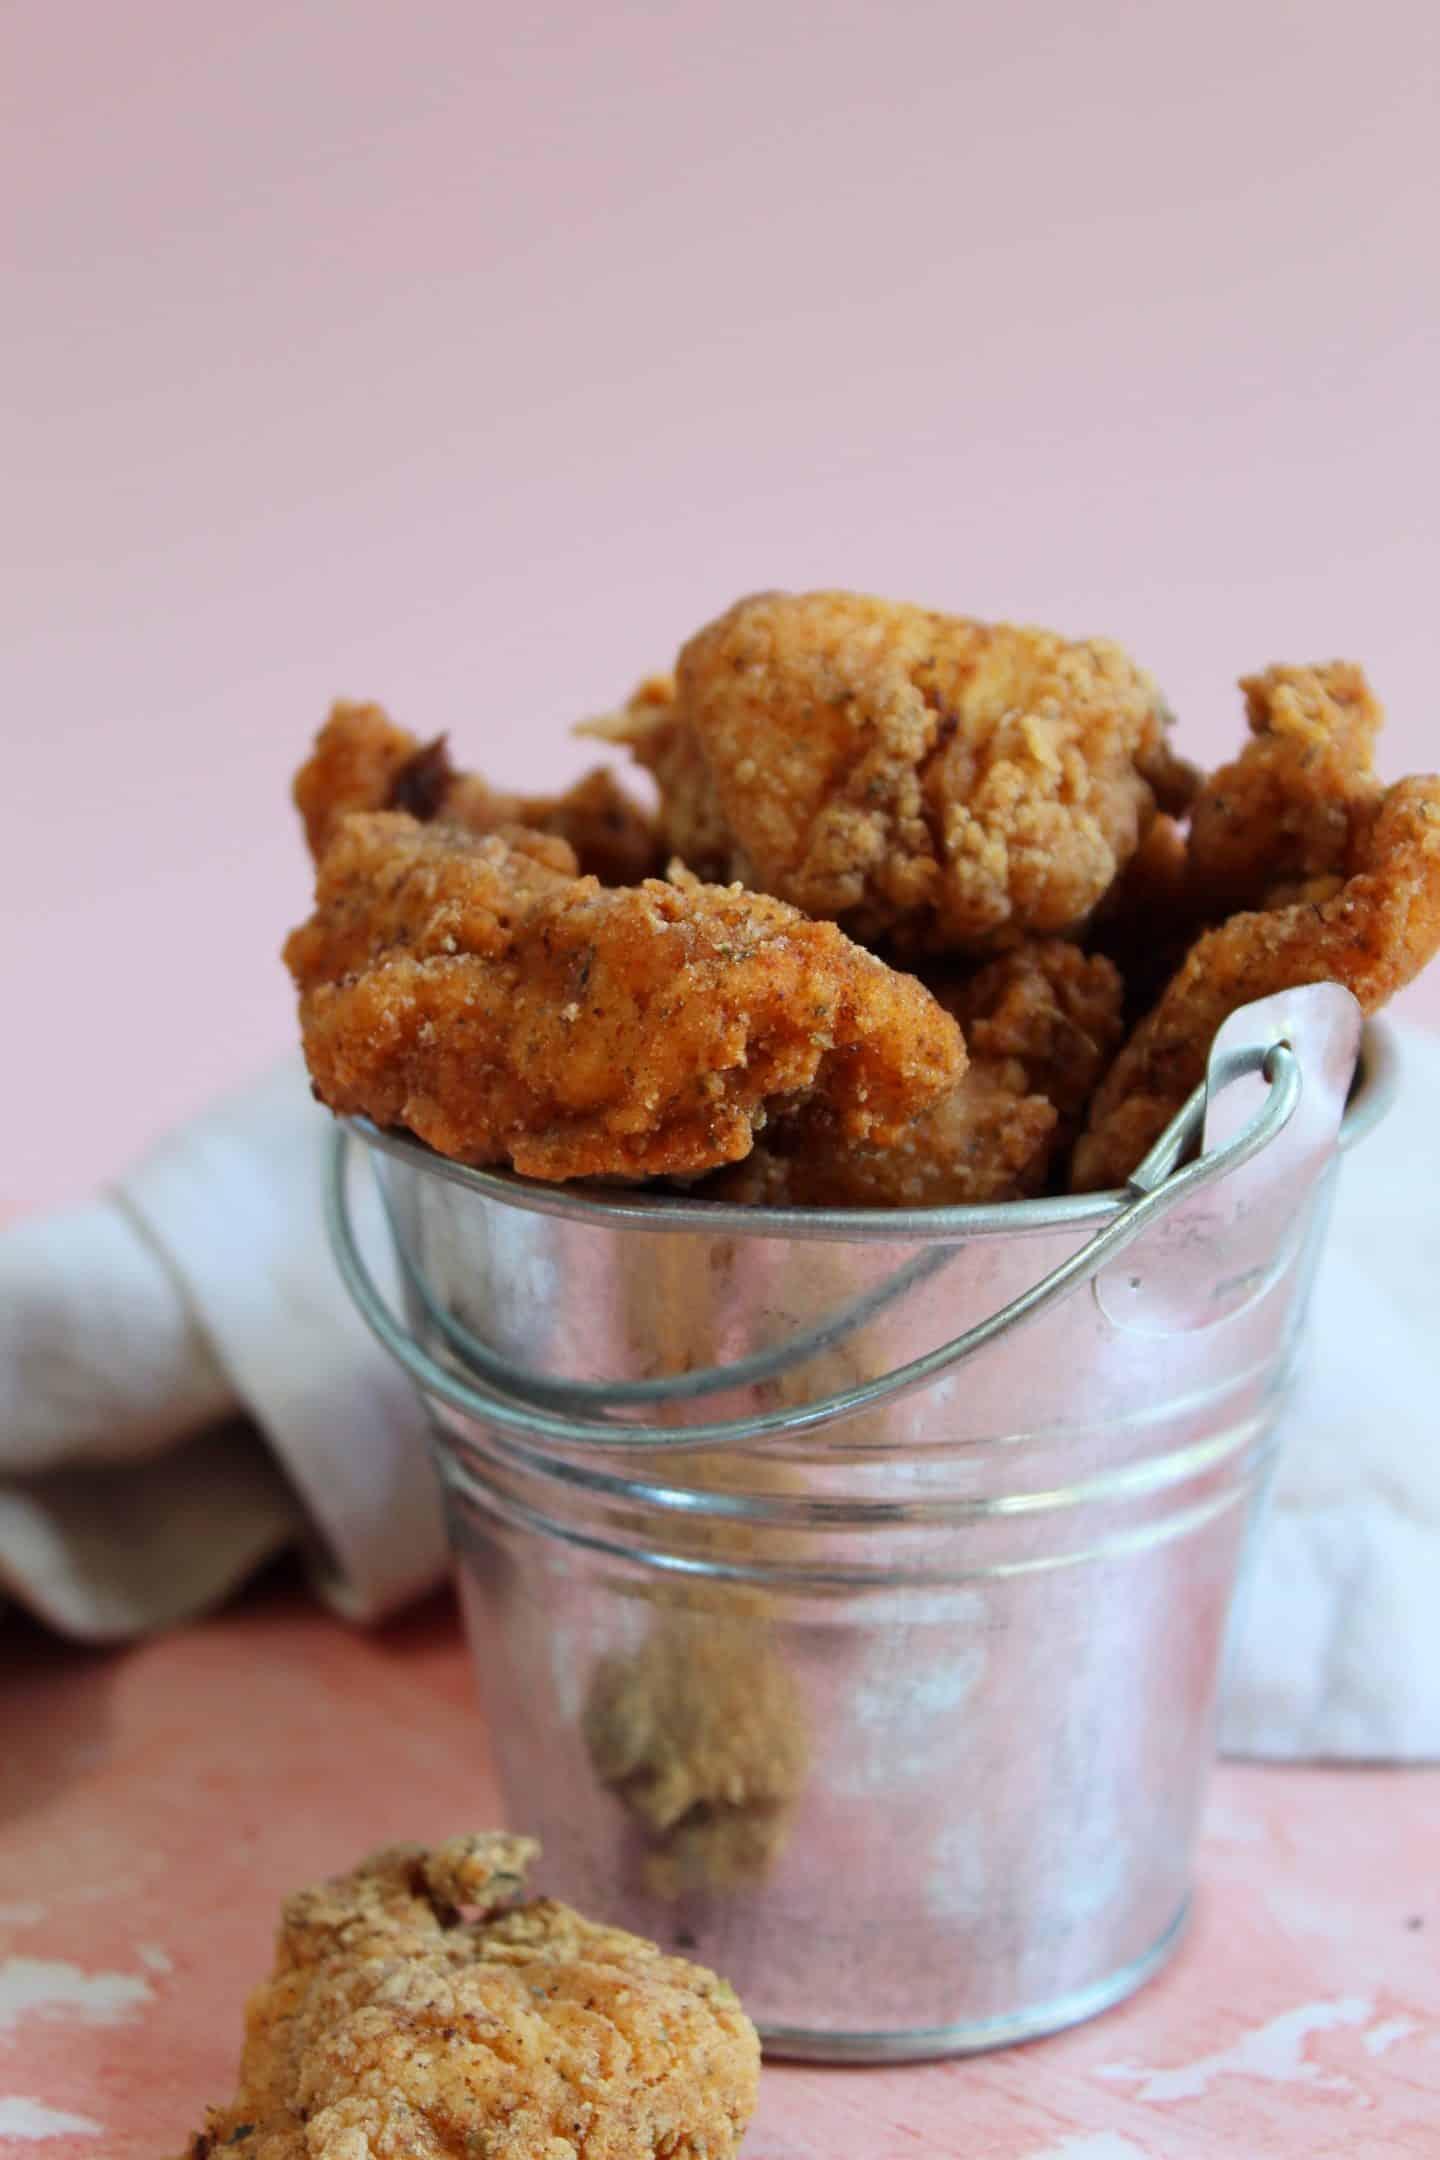 gluten free popcorn chicken kfc style